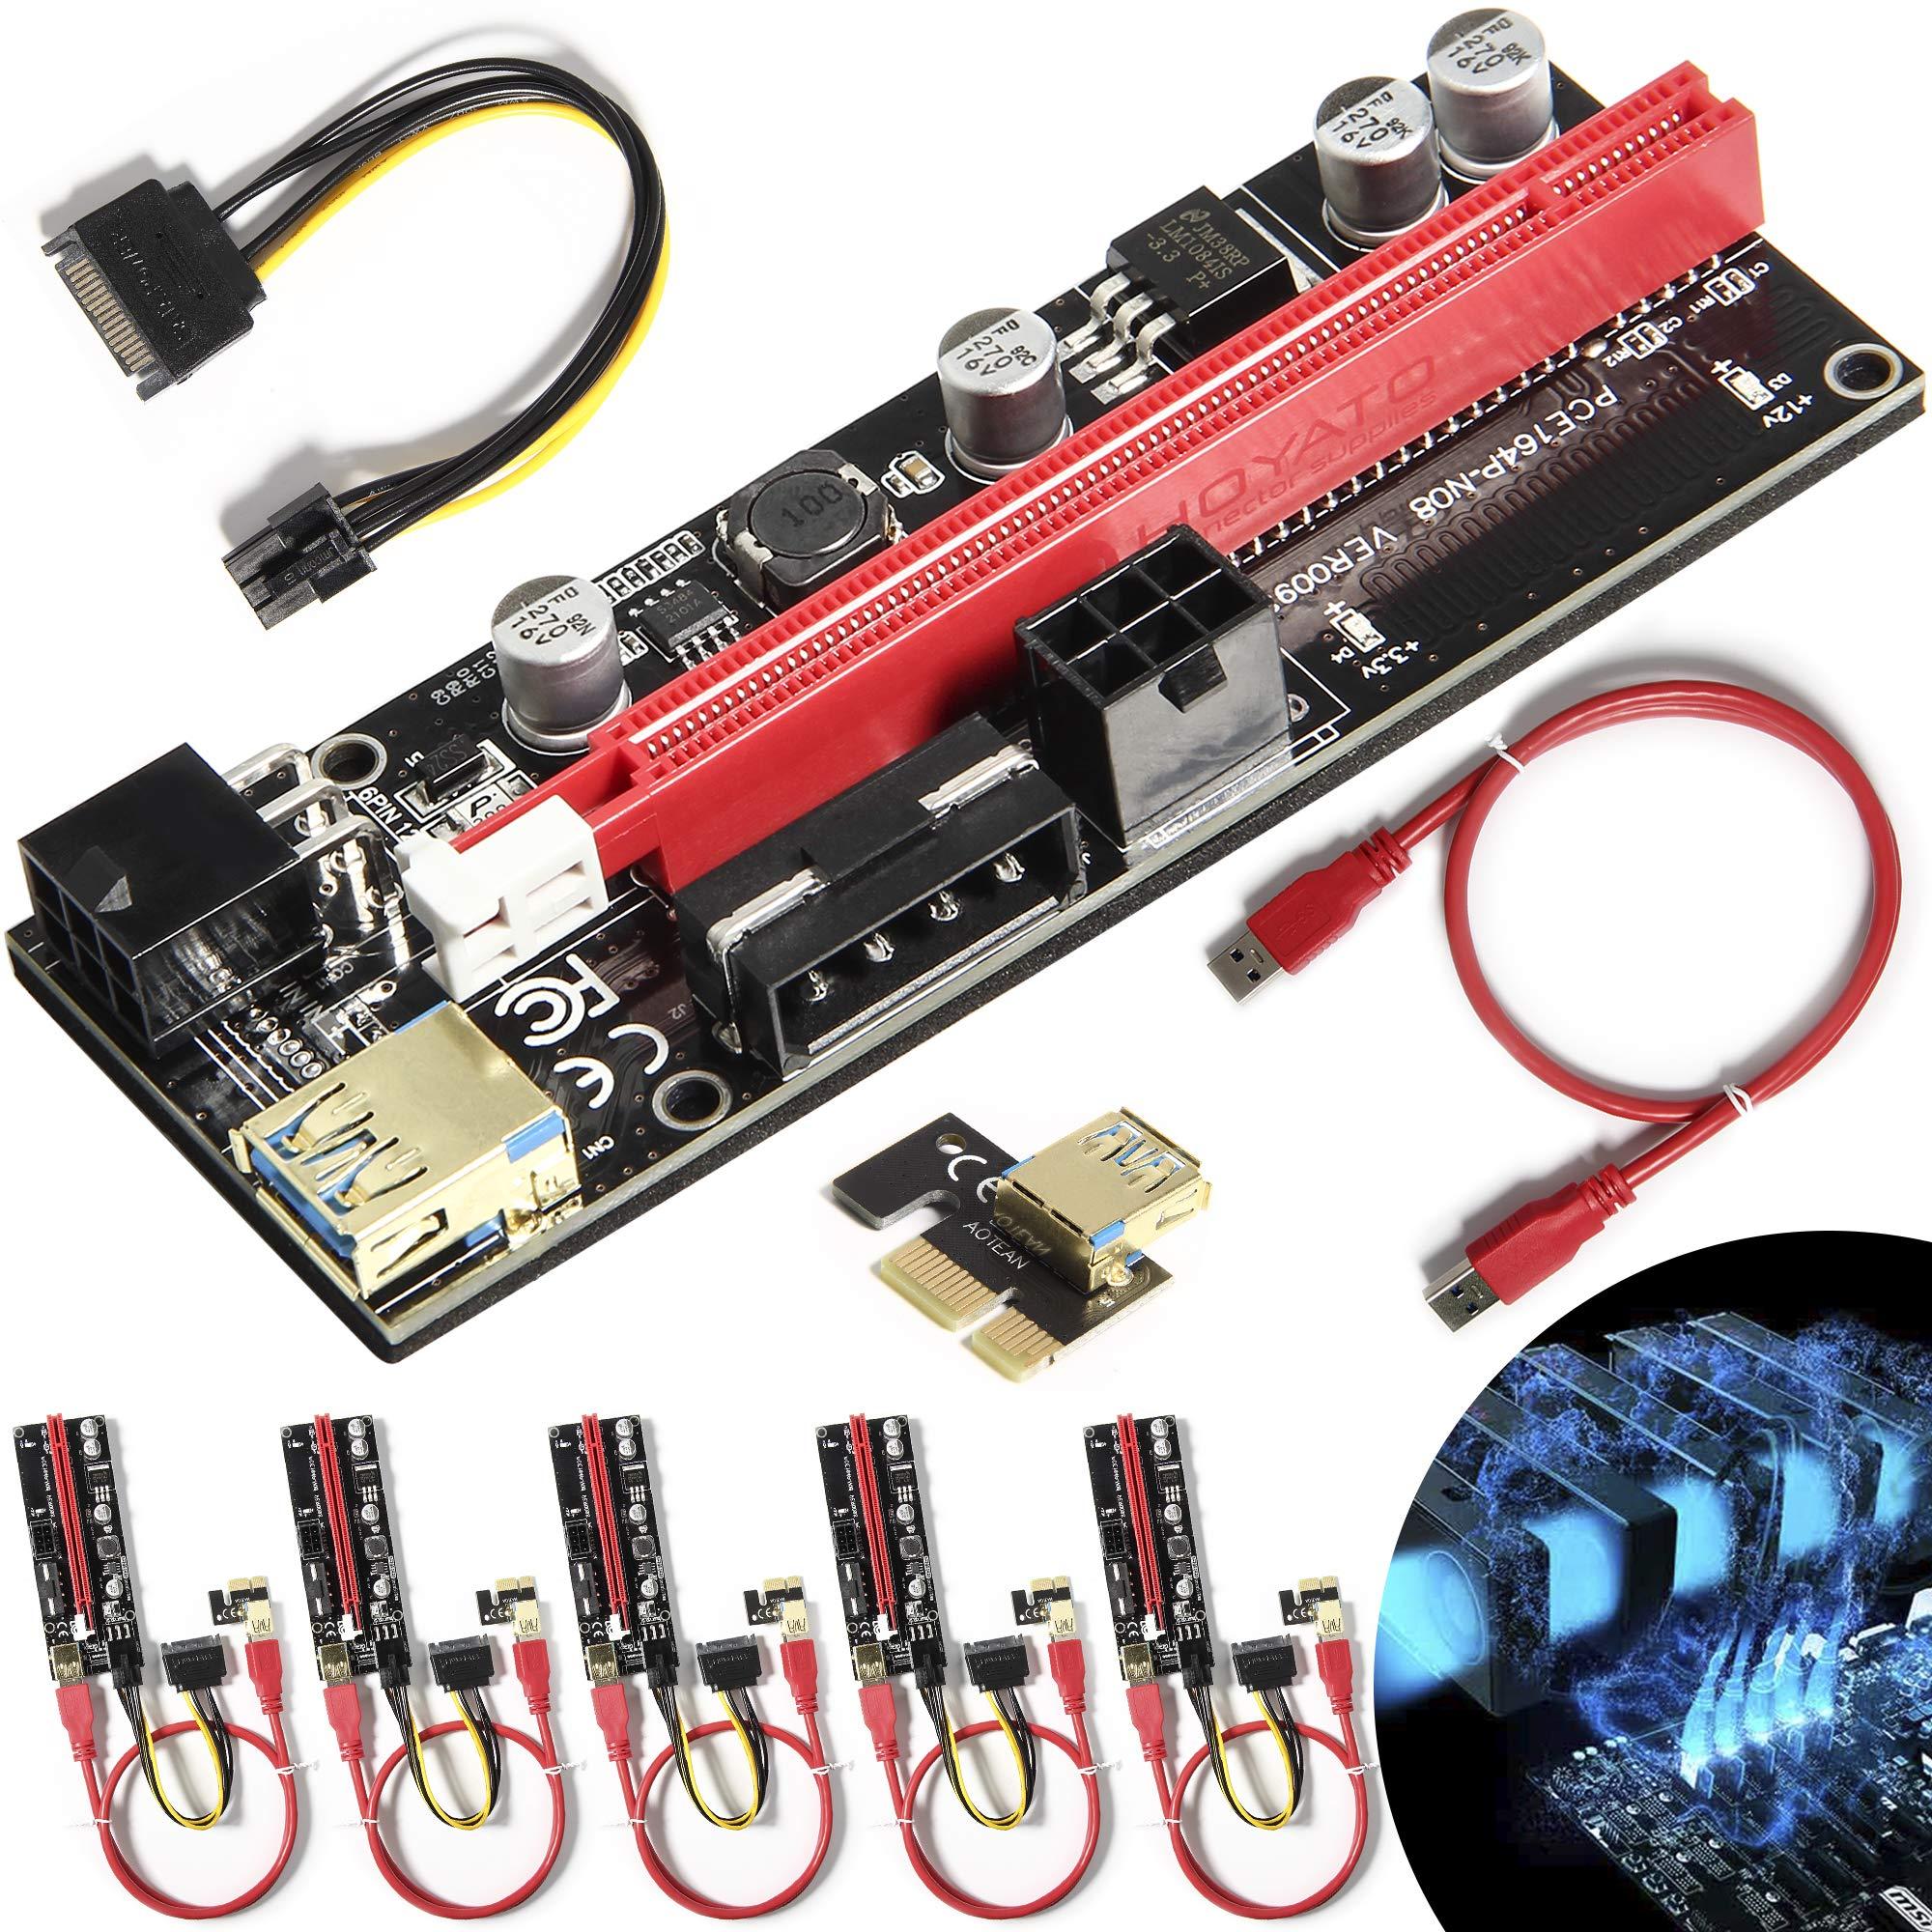 6 Pci-e Riser VER 009S Cripto mineria Con Cable Molex CoreRe